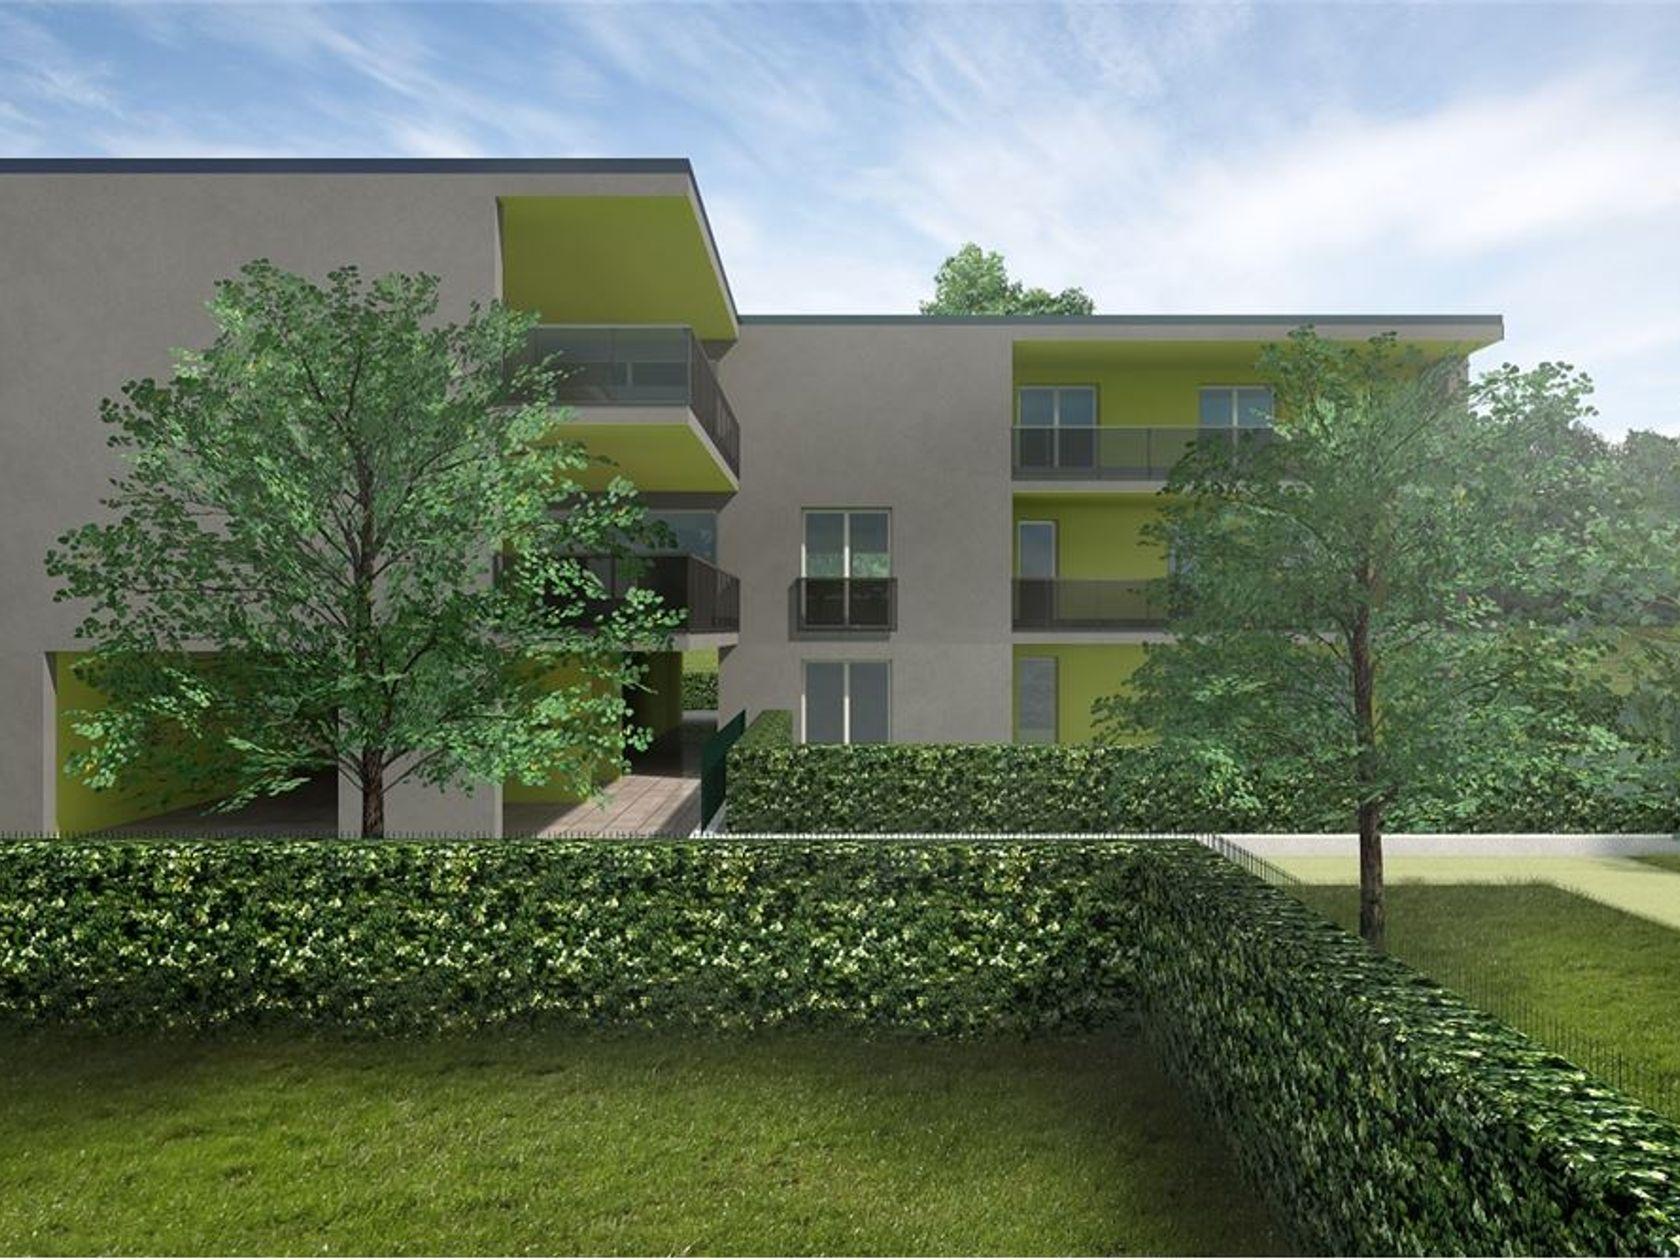 Appartamento Tencarola, Selvazzano Dentro, PD Vendita - Foto 2